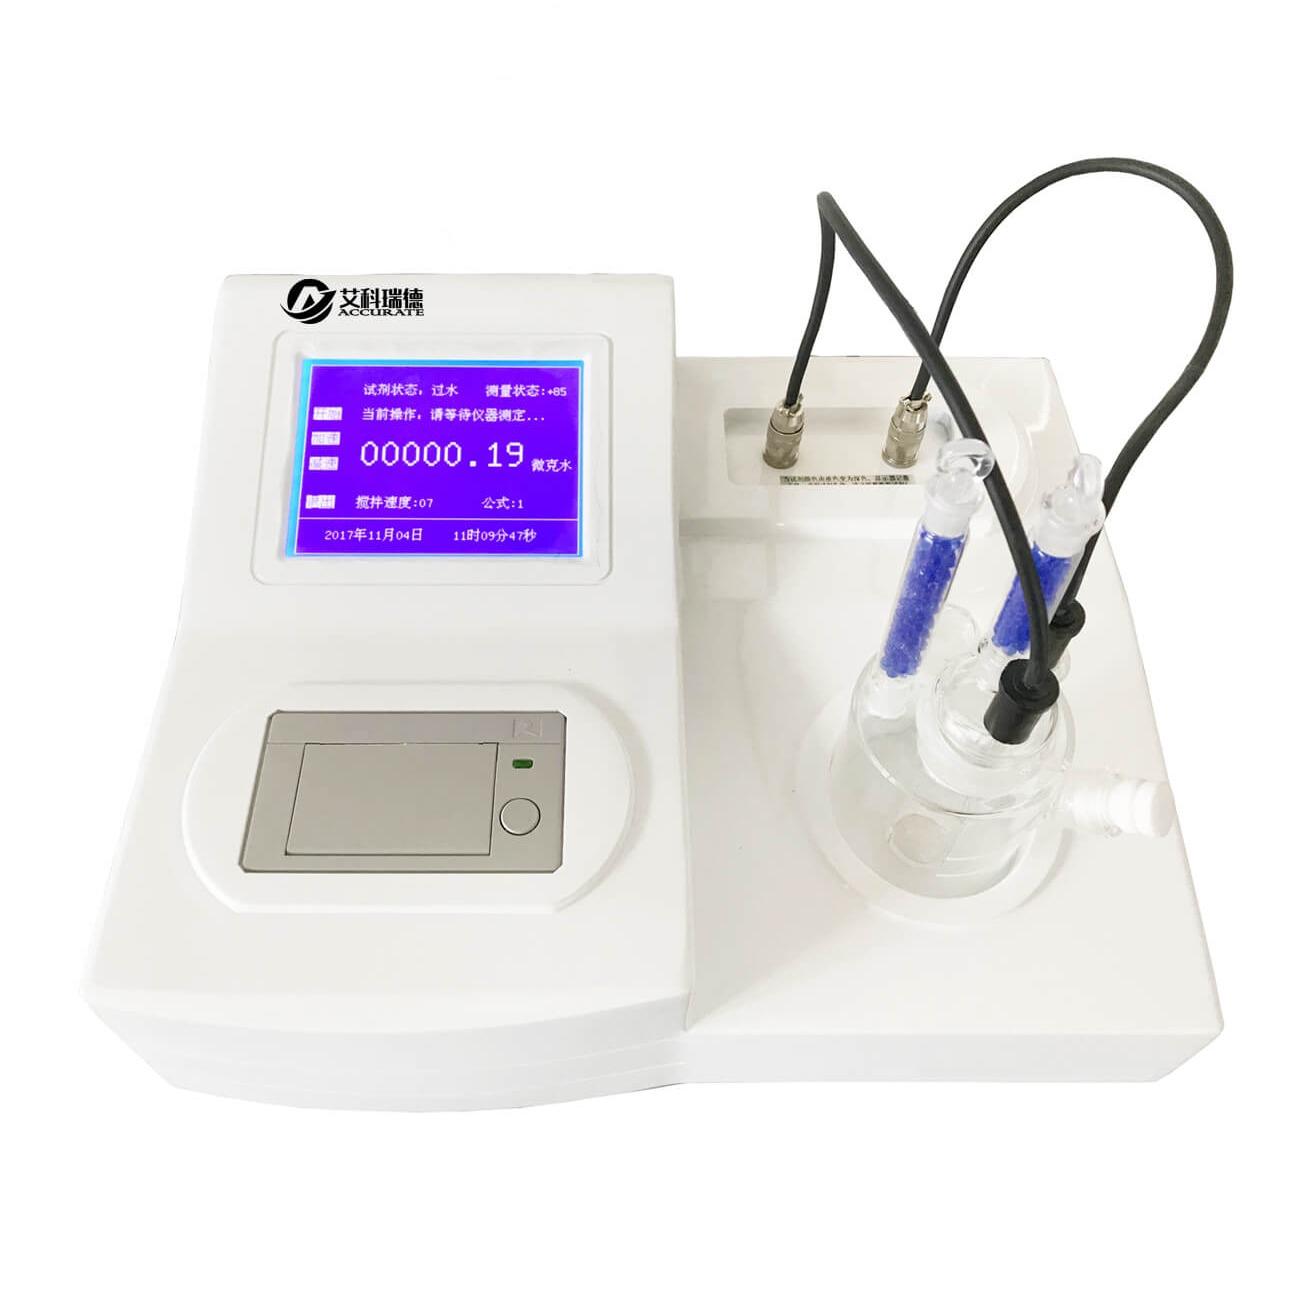 厂家直销 艾科瑞德无水乙醇库仑微量水分分析仪